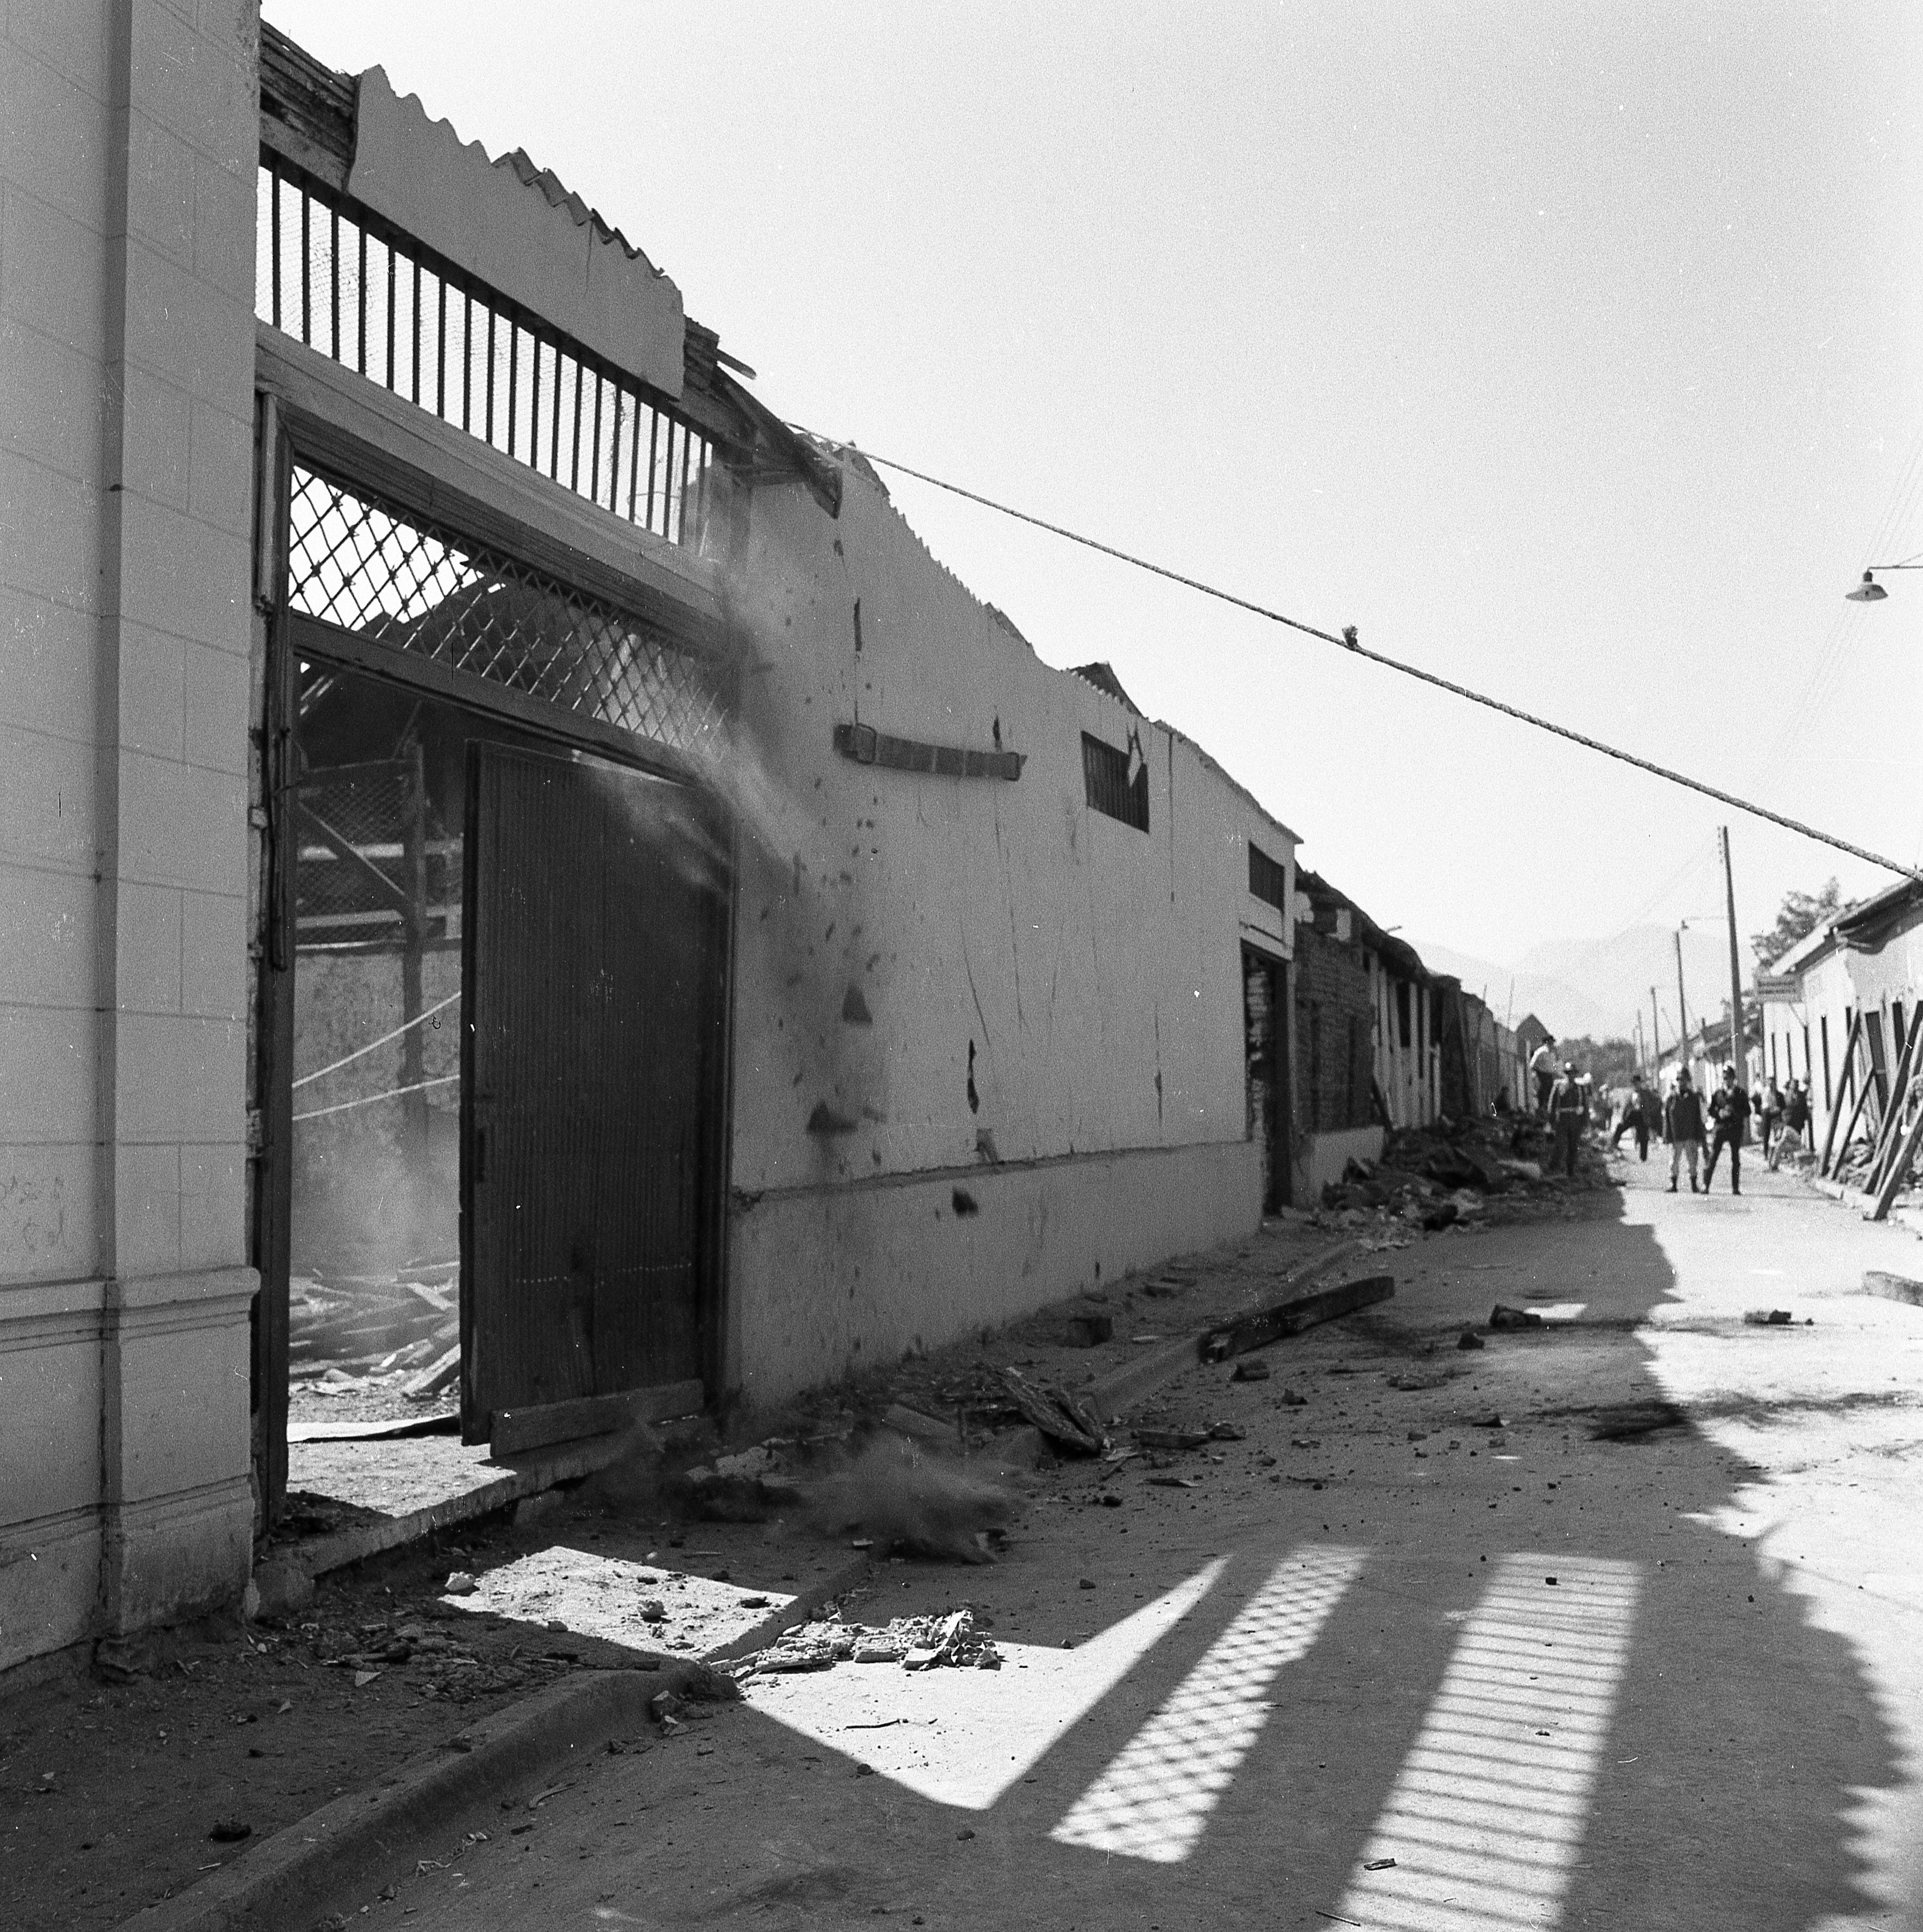 Enterreno - Fotos históricas de chile - fotos antiguas de Chile - Daños del Terremoto de Valdivia, 1960